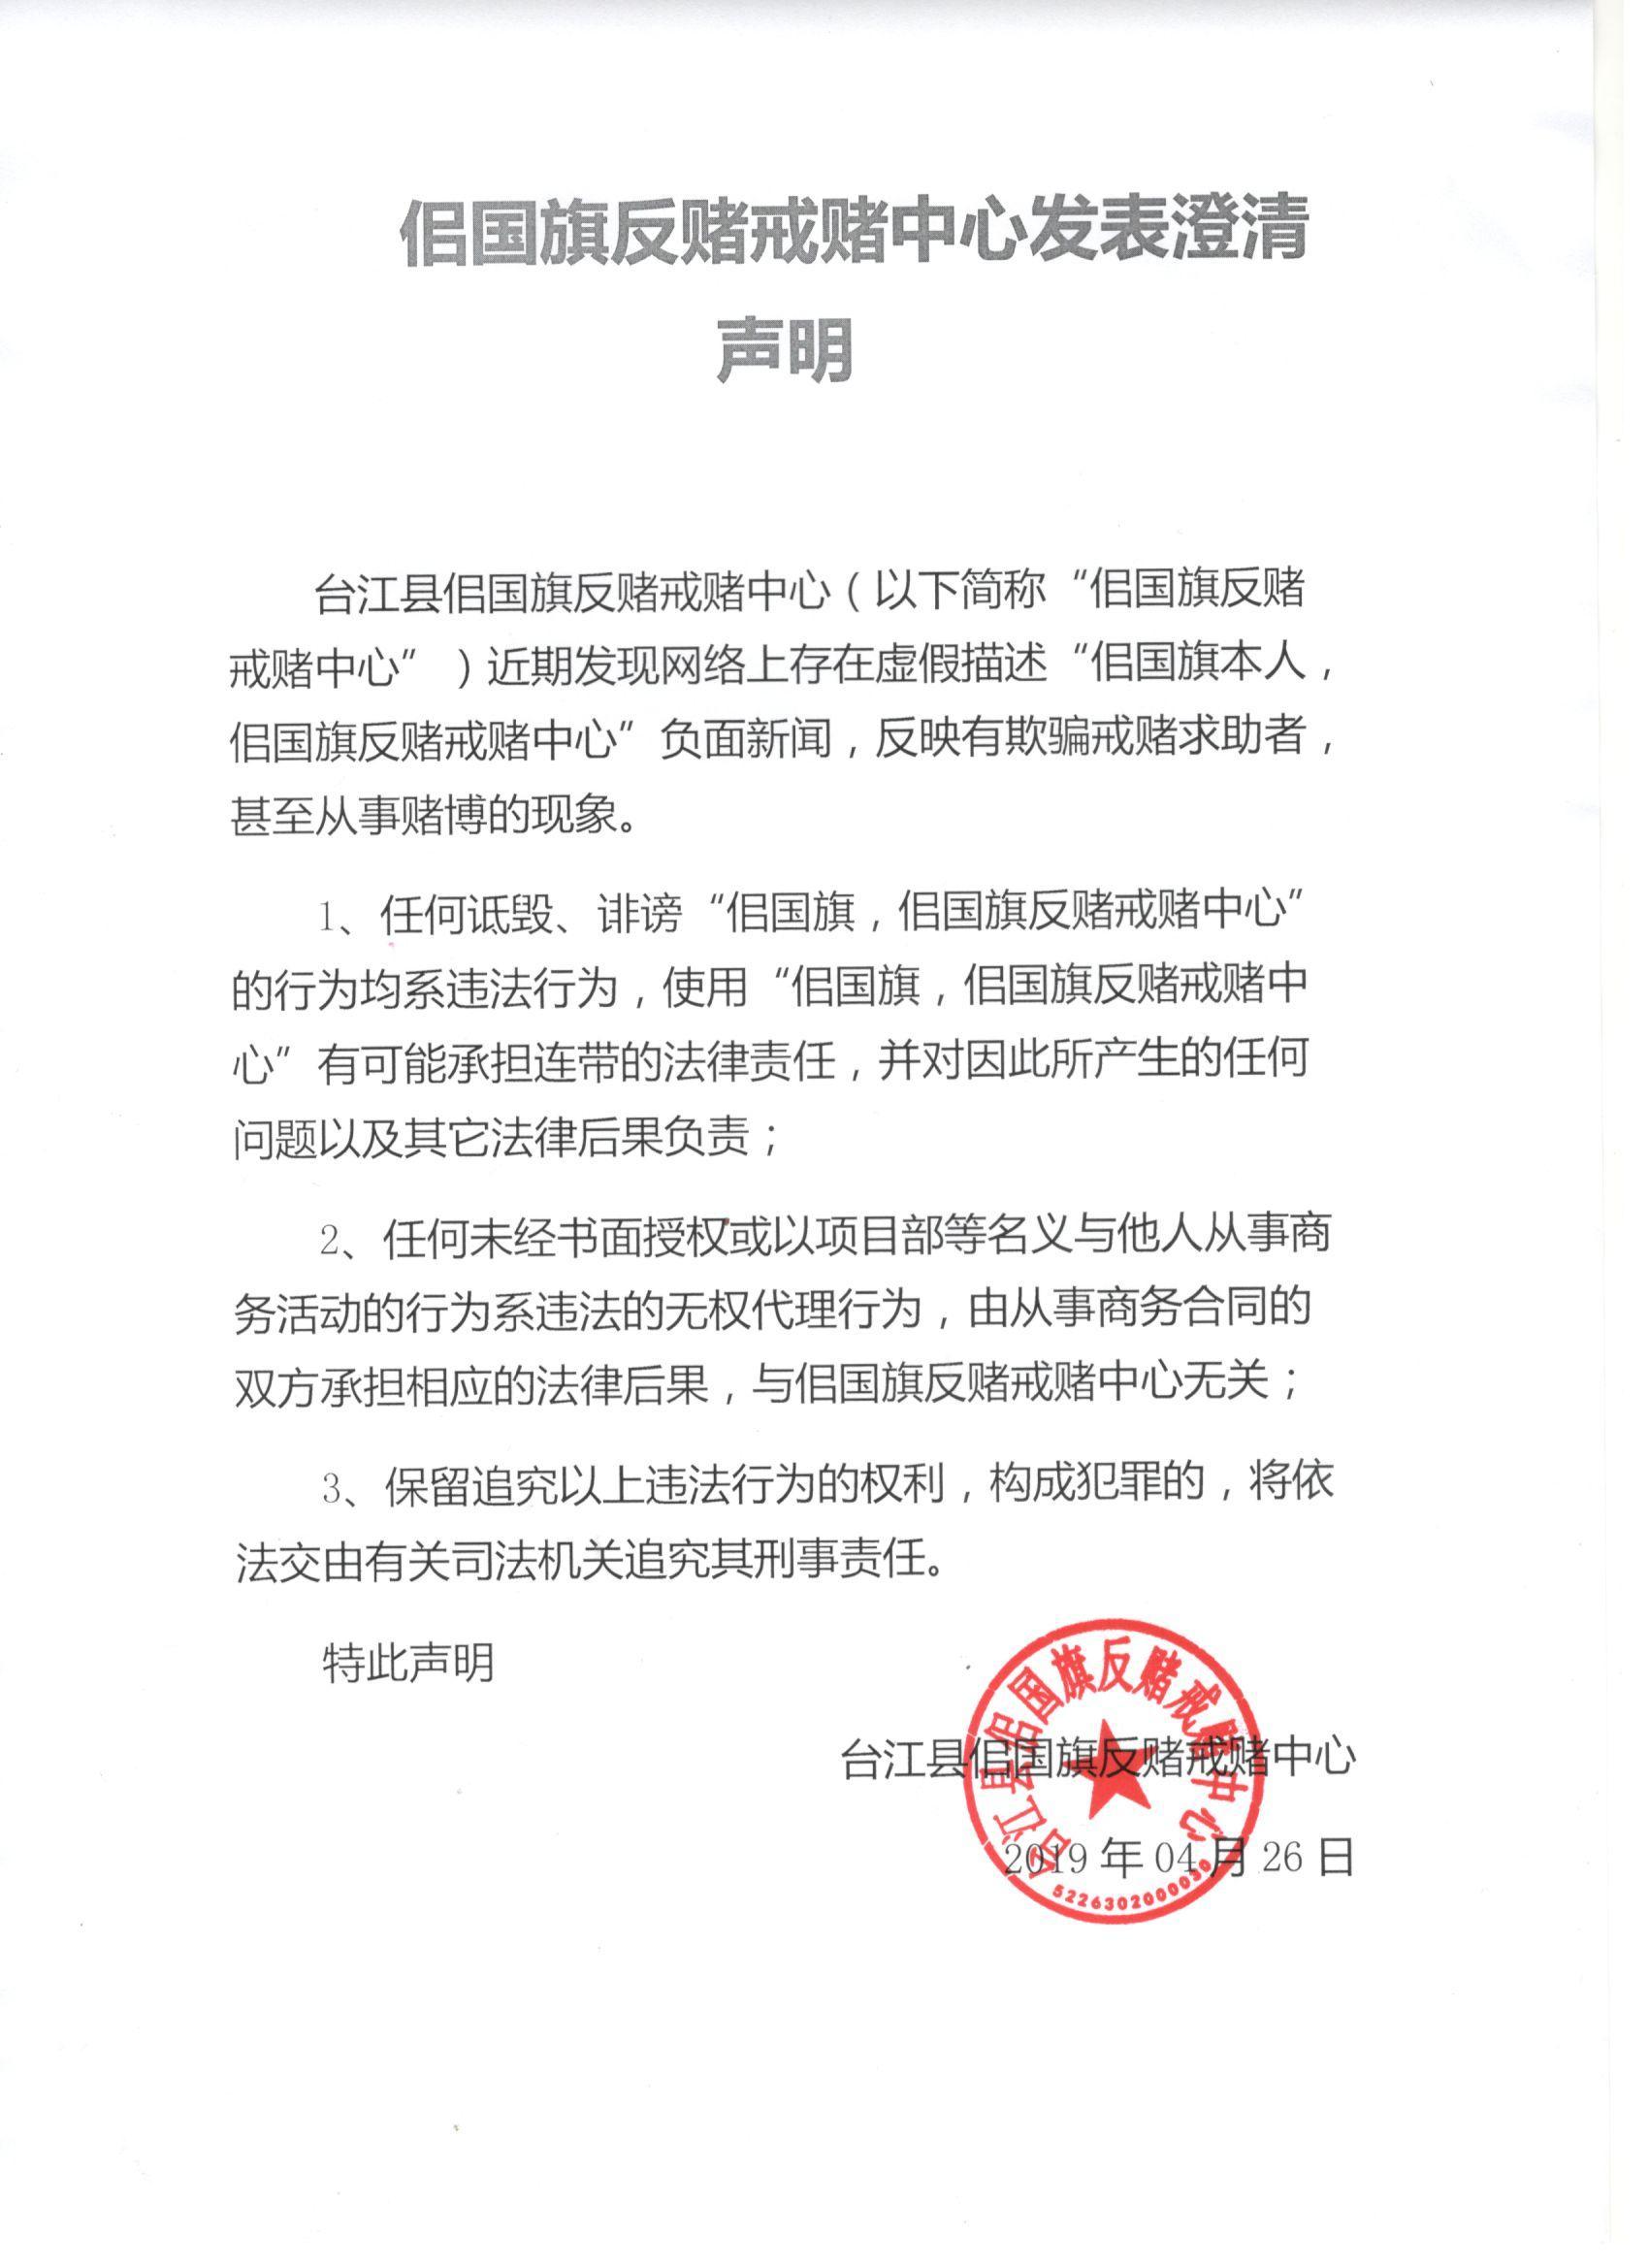 佀国旗反赌戒赌中心发表澄清声明